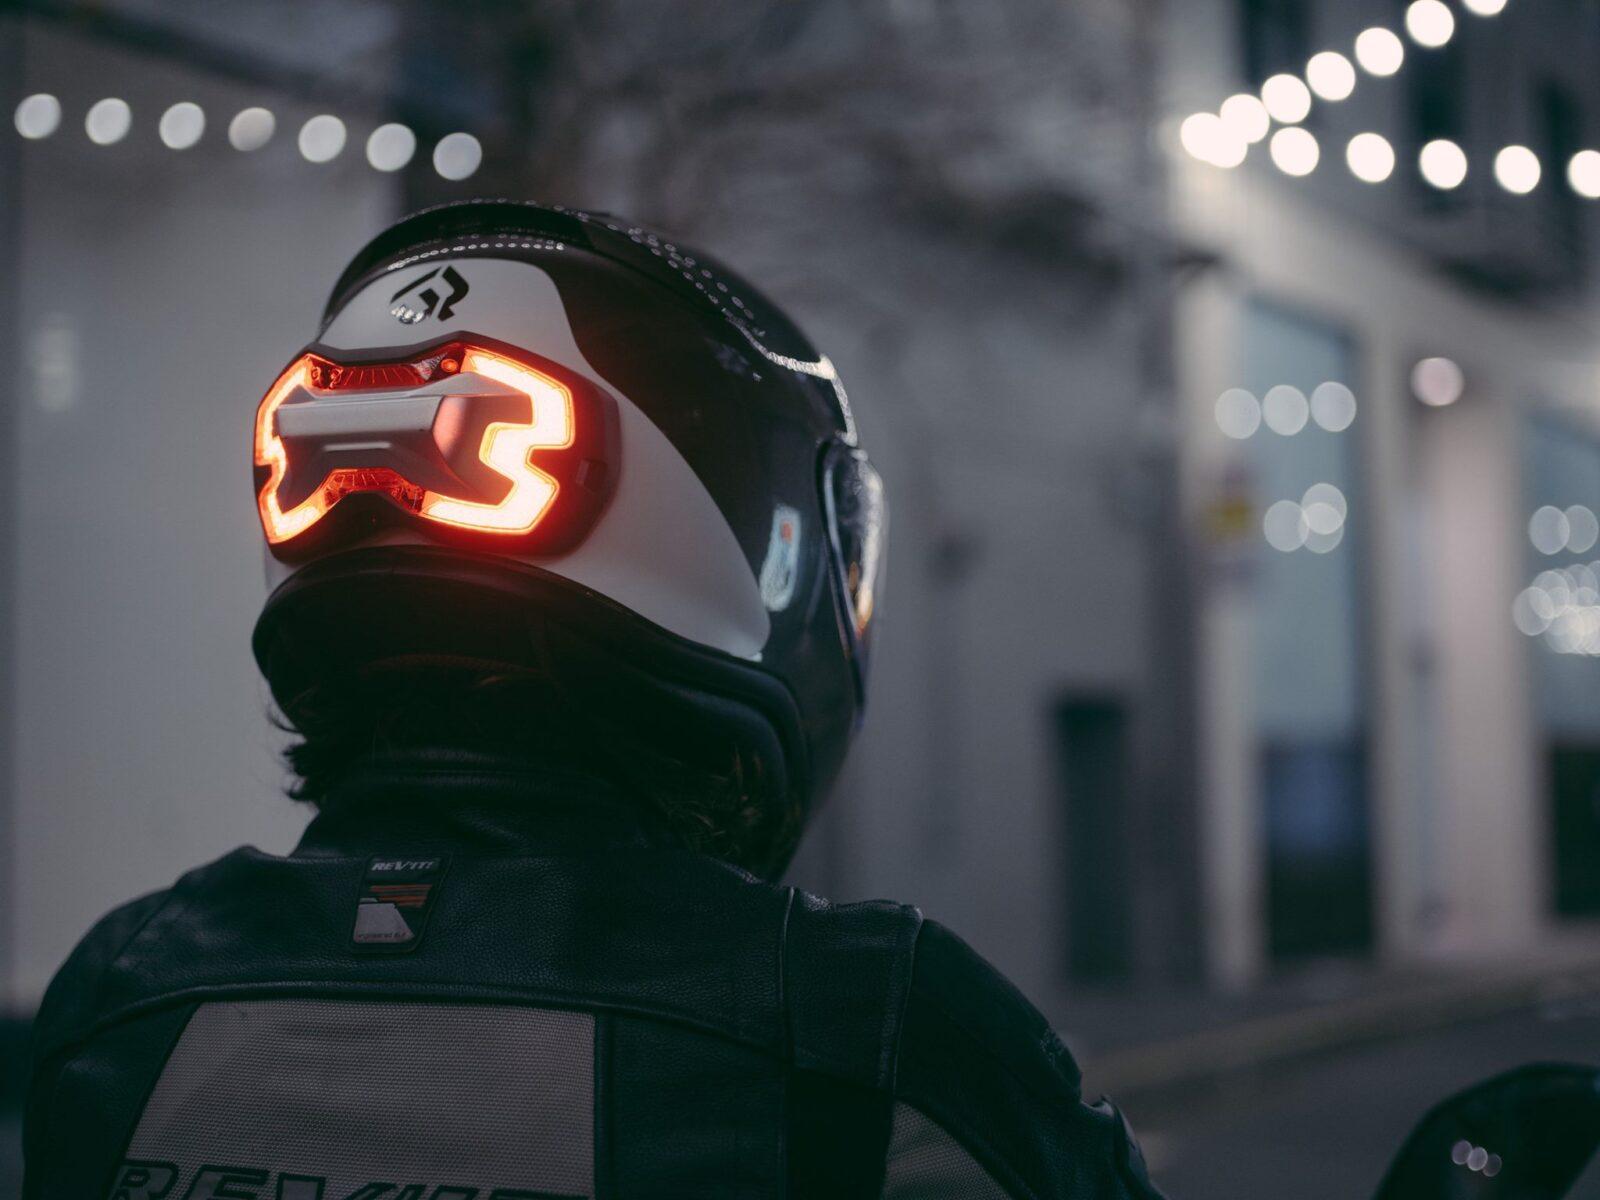 BrakeFree The Smart Brake Light for Motorcyclists 1600x1200 - BrakeFree: Smart Brake Light for Motorcyclists